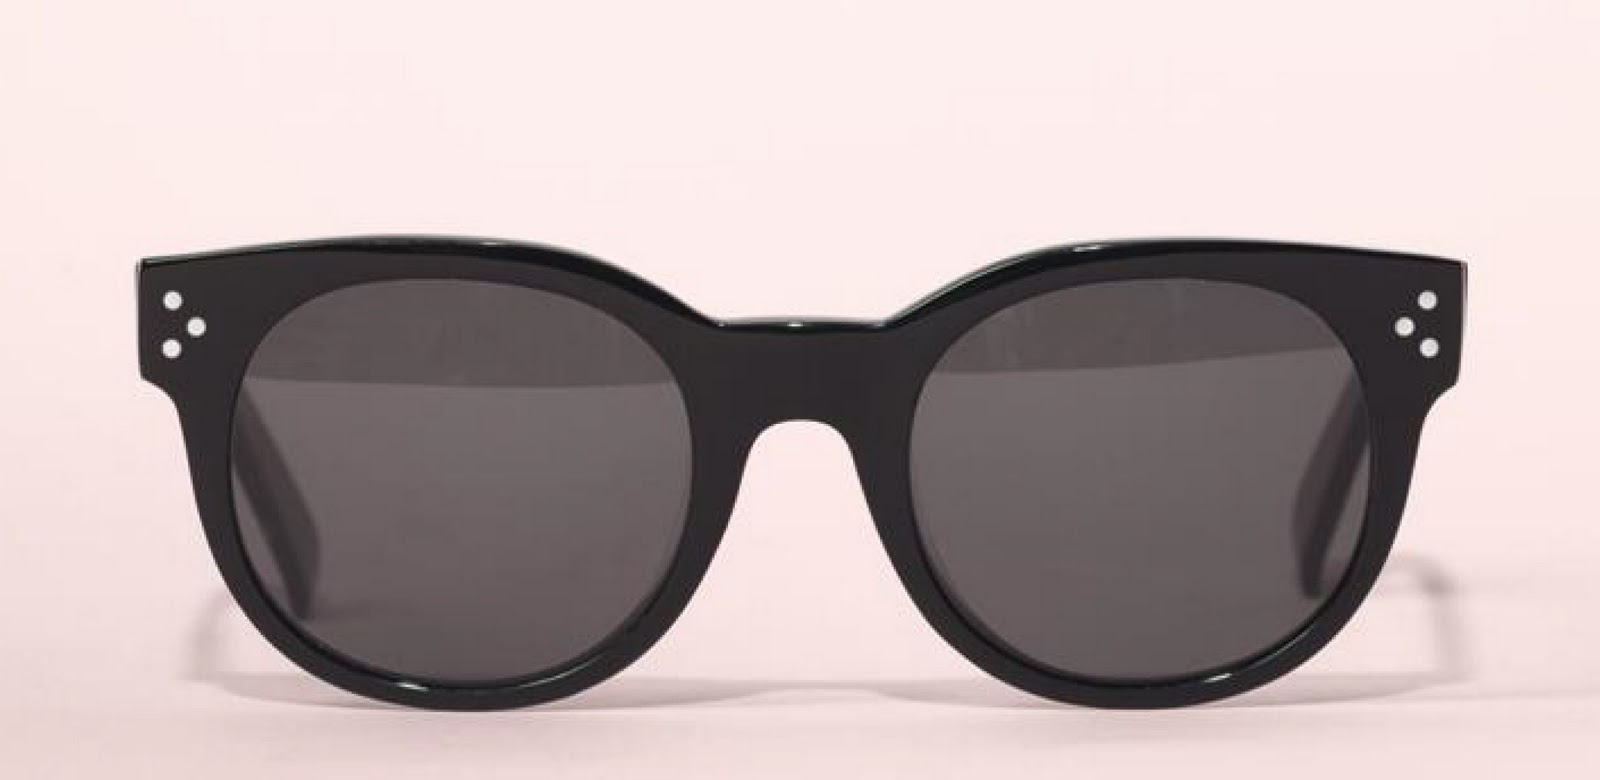 buy replica bag - Celine Audrey Sunglasses Online Shop